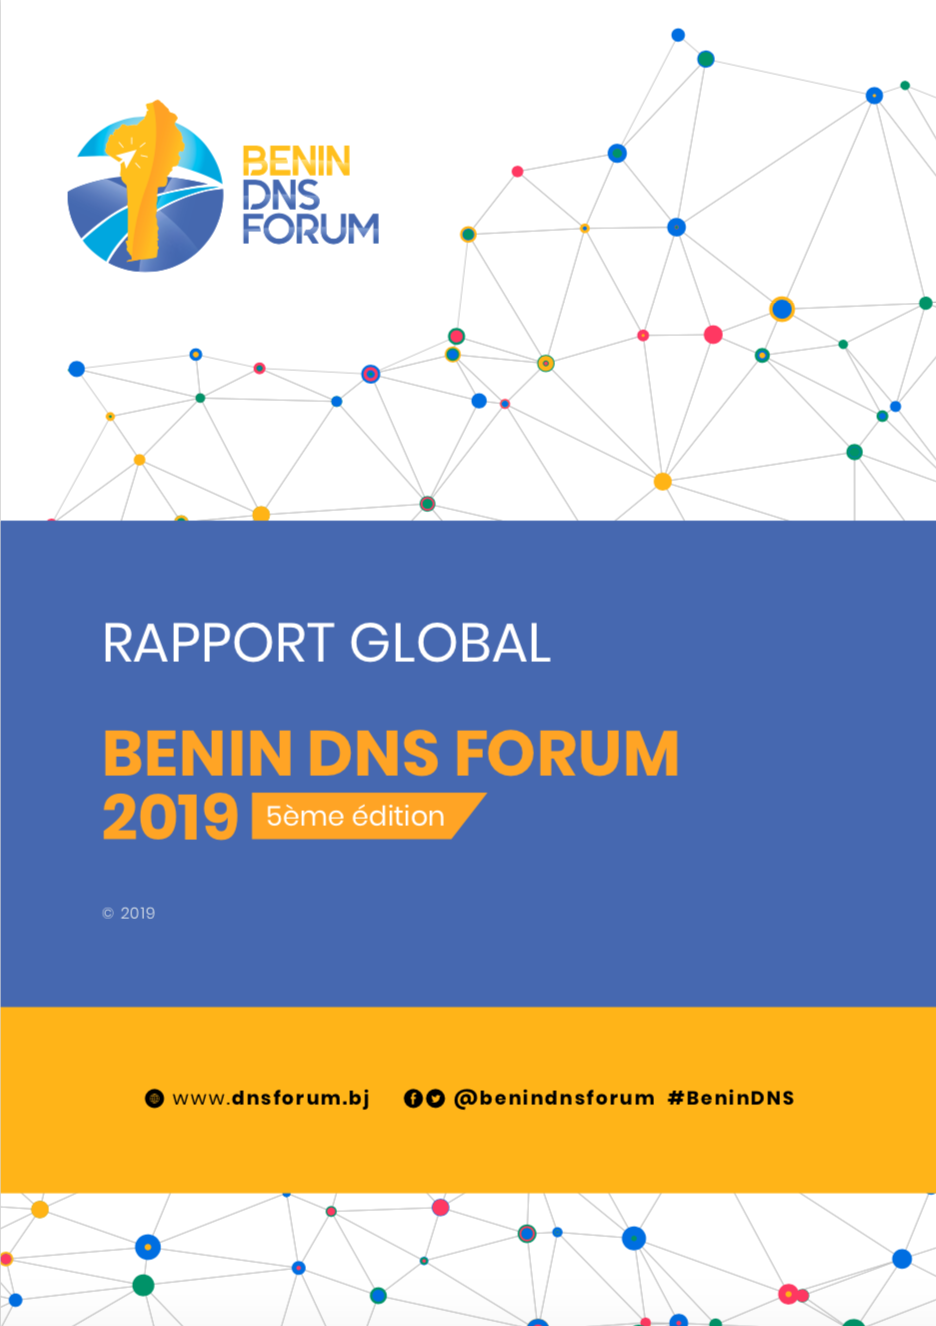 dnsforum2019_report